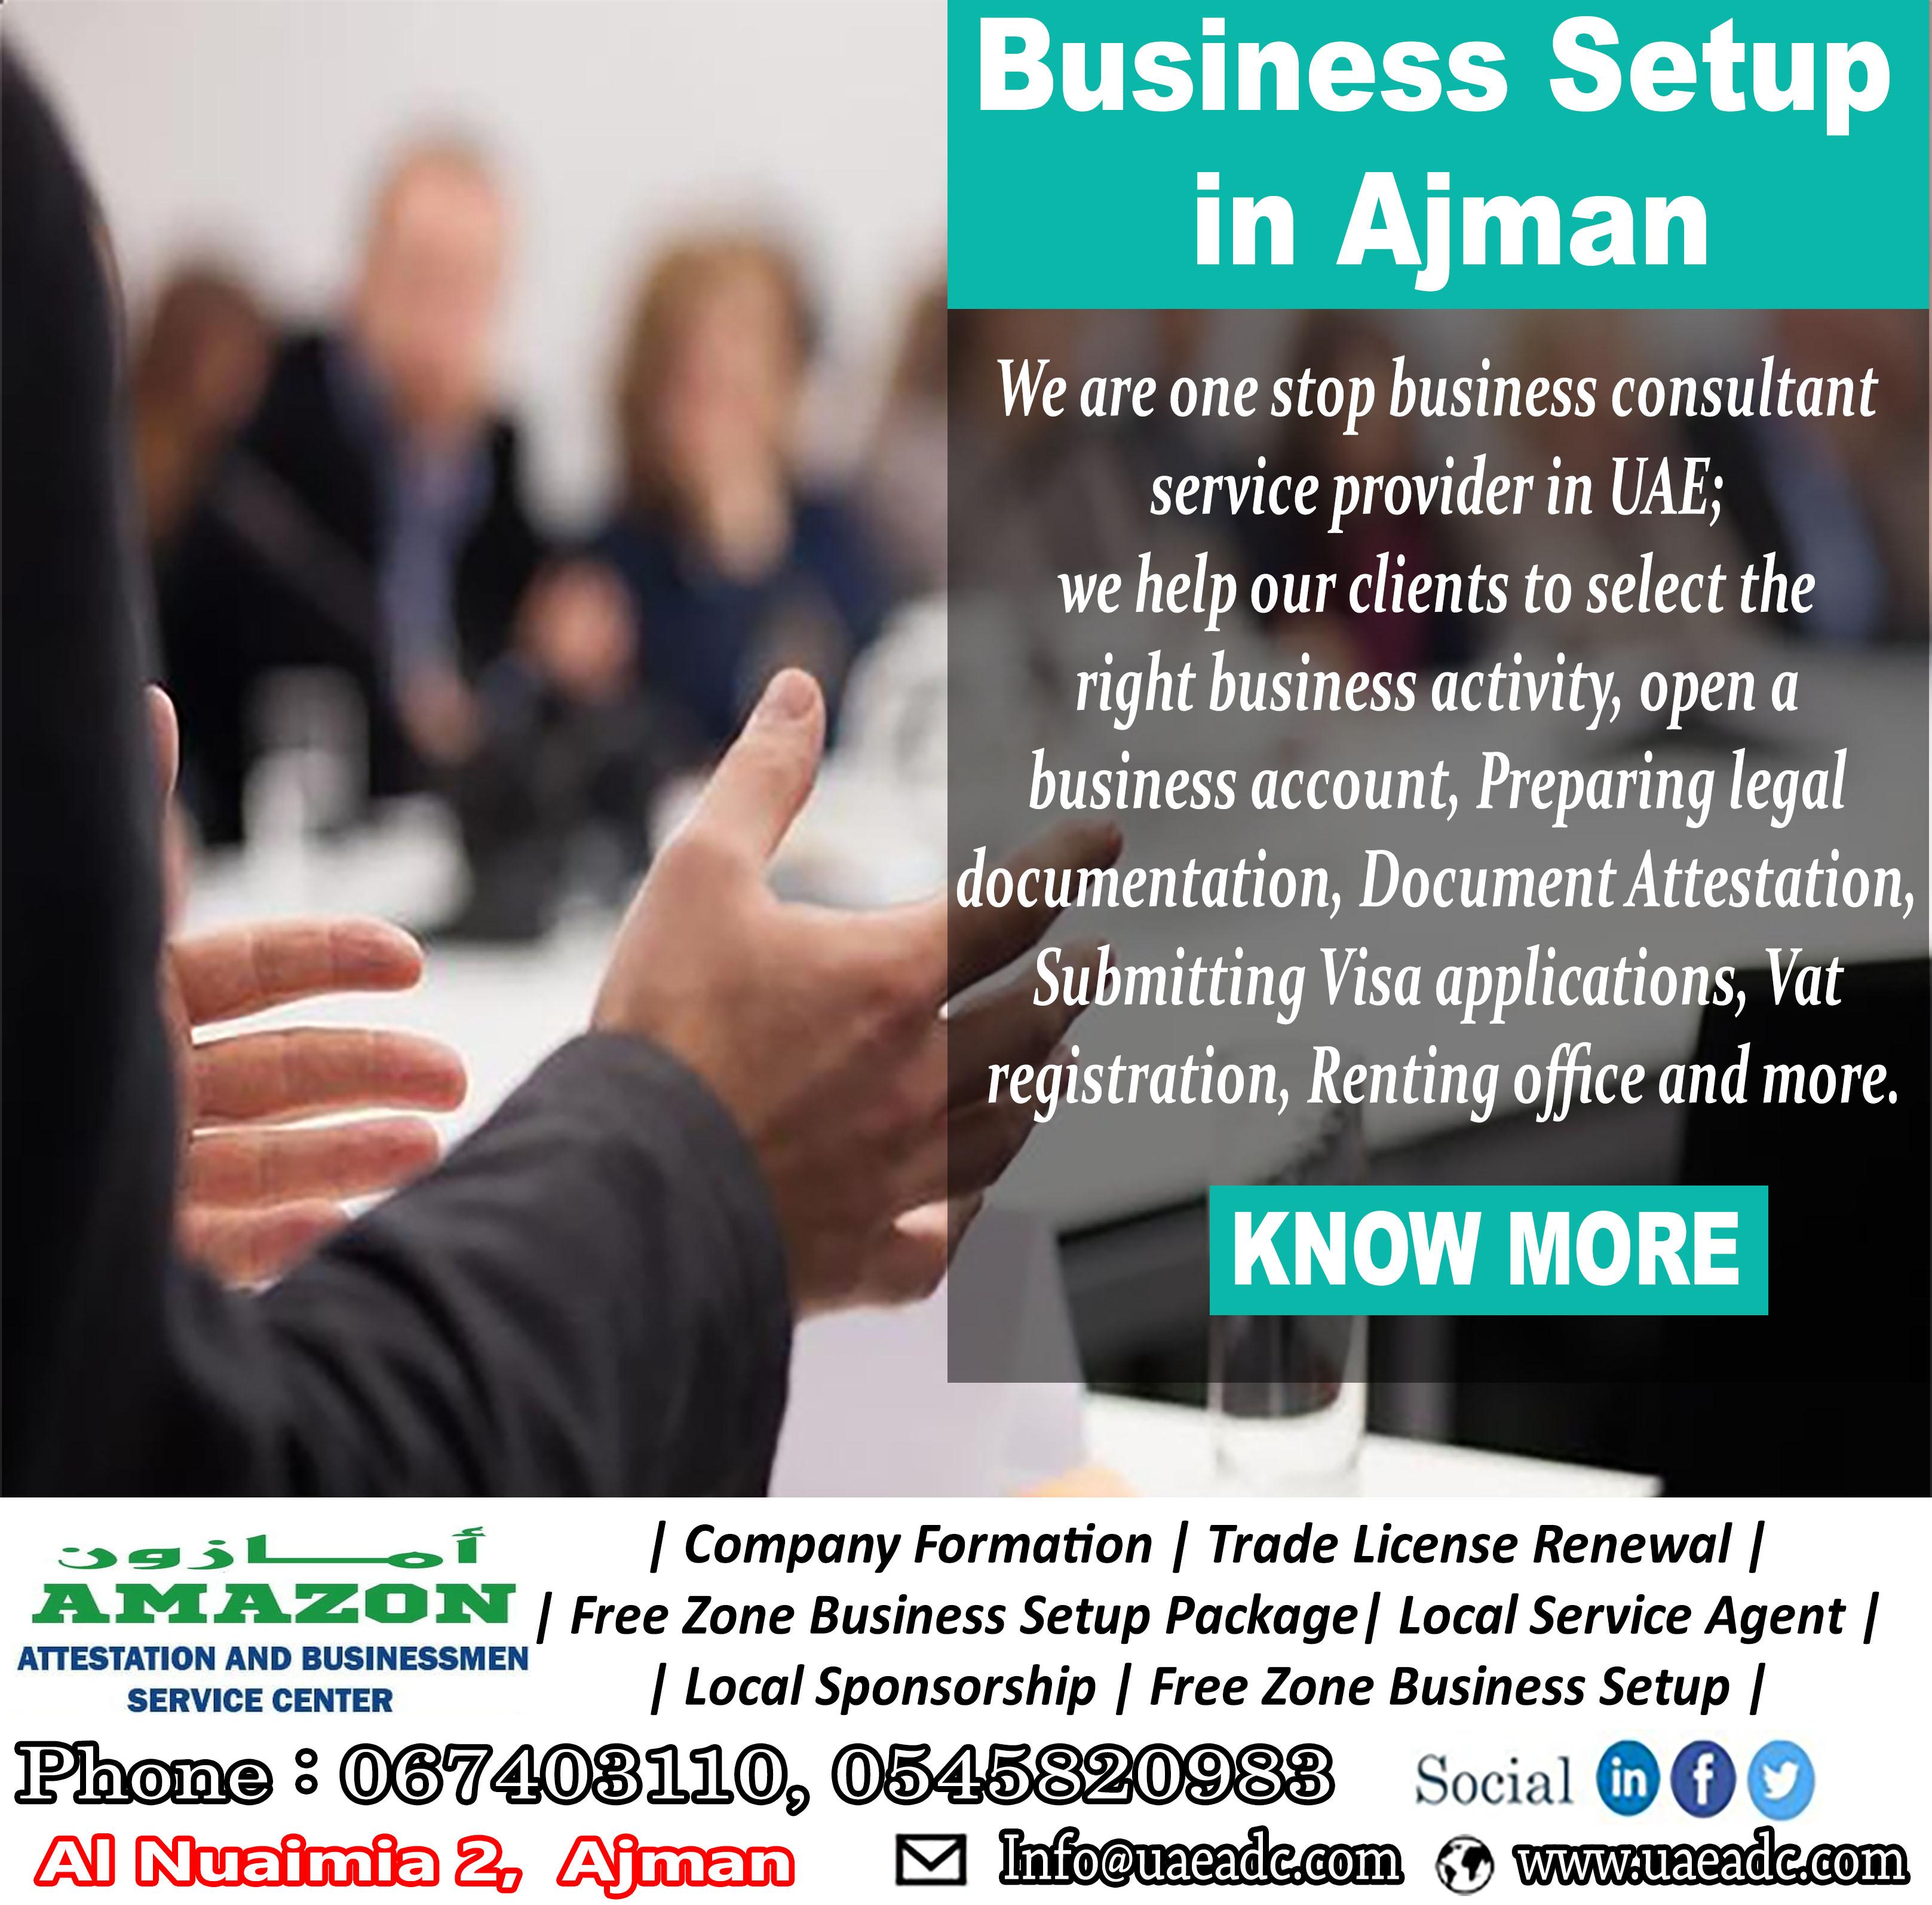 amazon Business setup ajman1.jpg